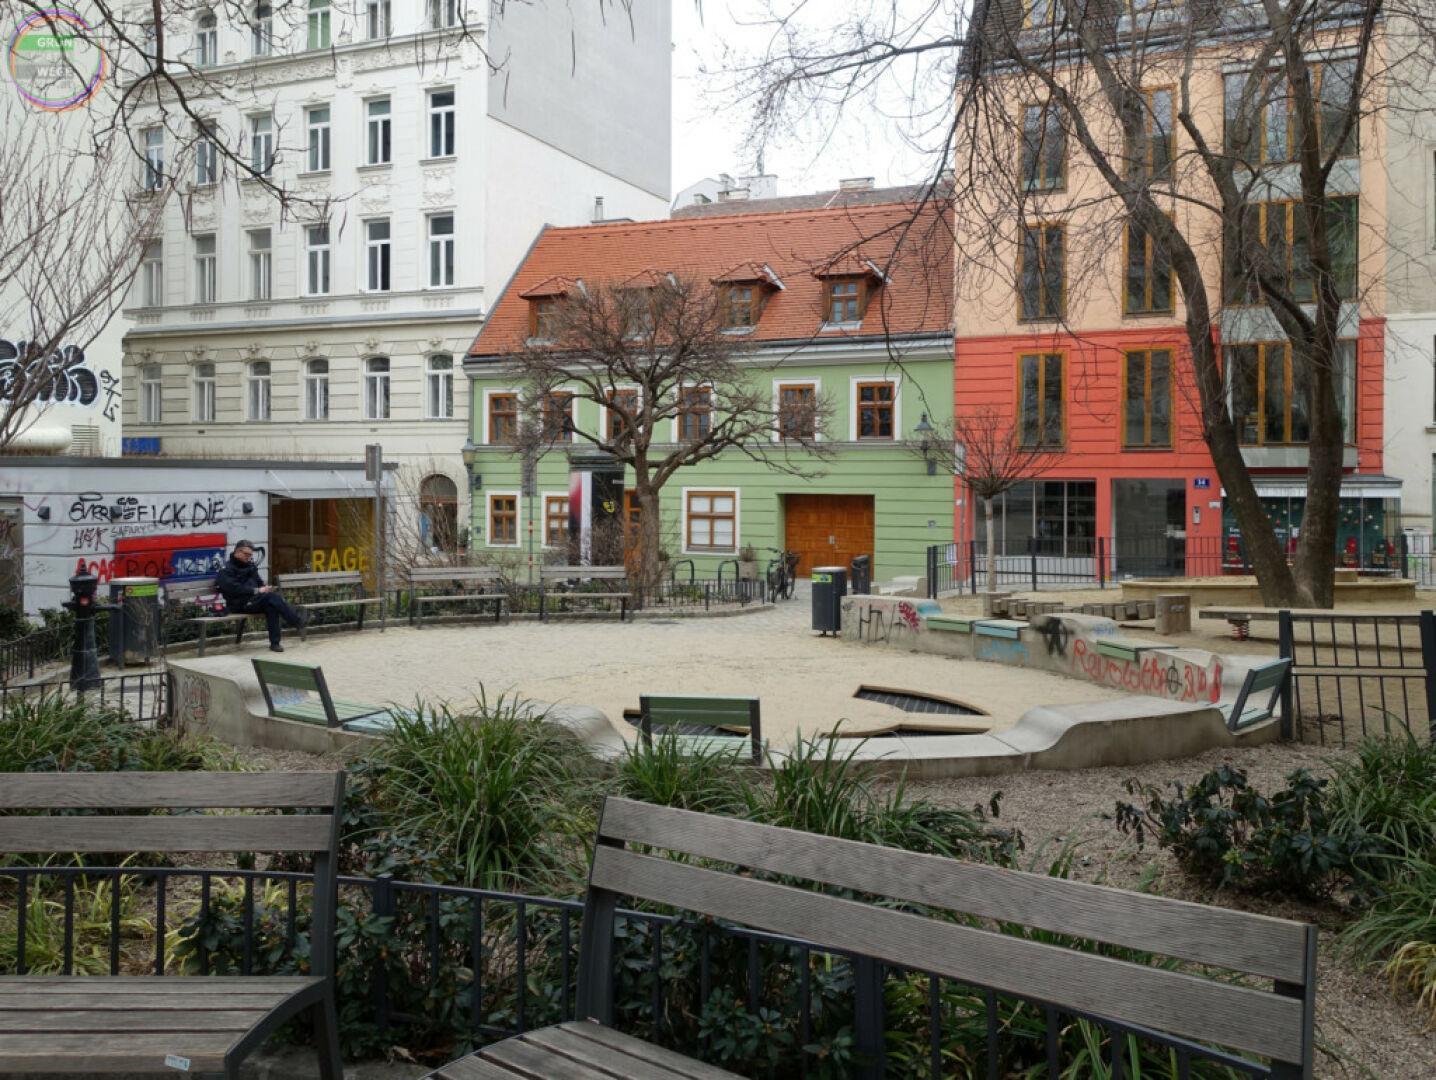 Bild Weg 5 Kleiner Park mit Sitzbänken in dicht verbautem Grätzl